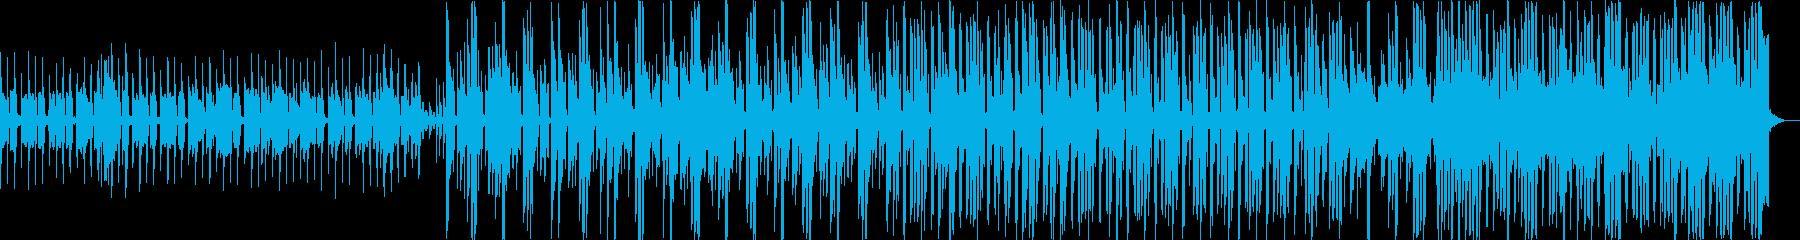 デジタルポップにアコースティックギターの再生済みの波形